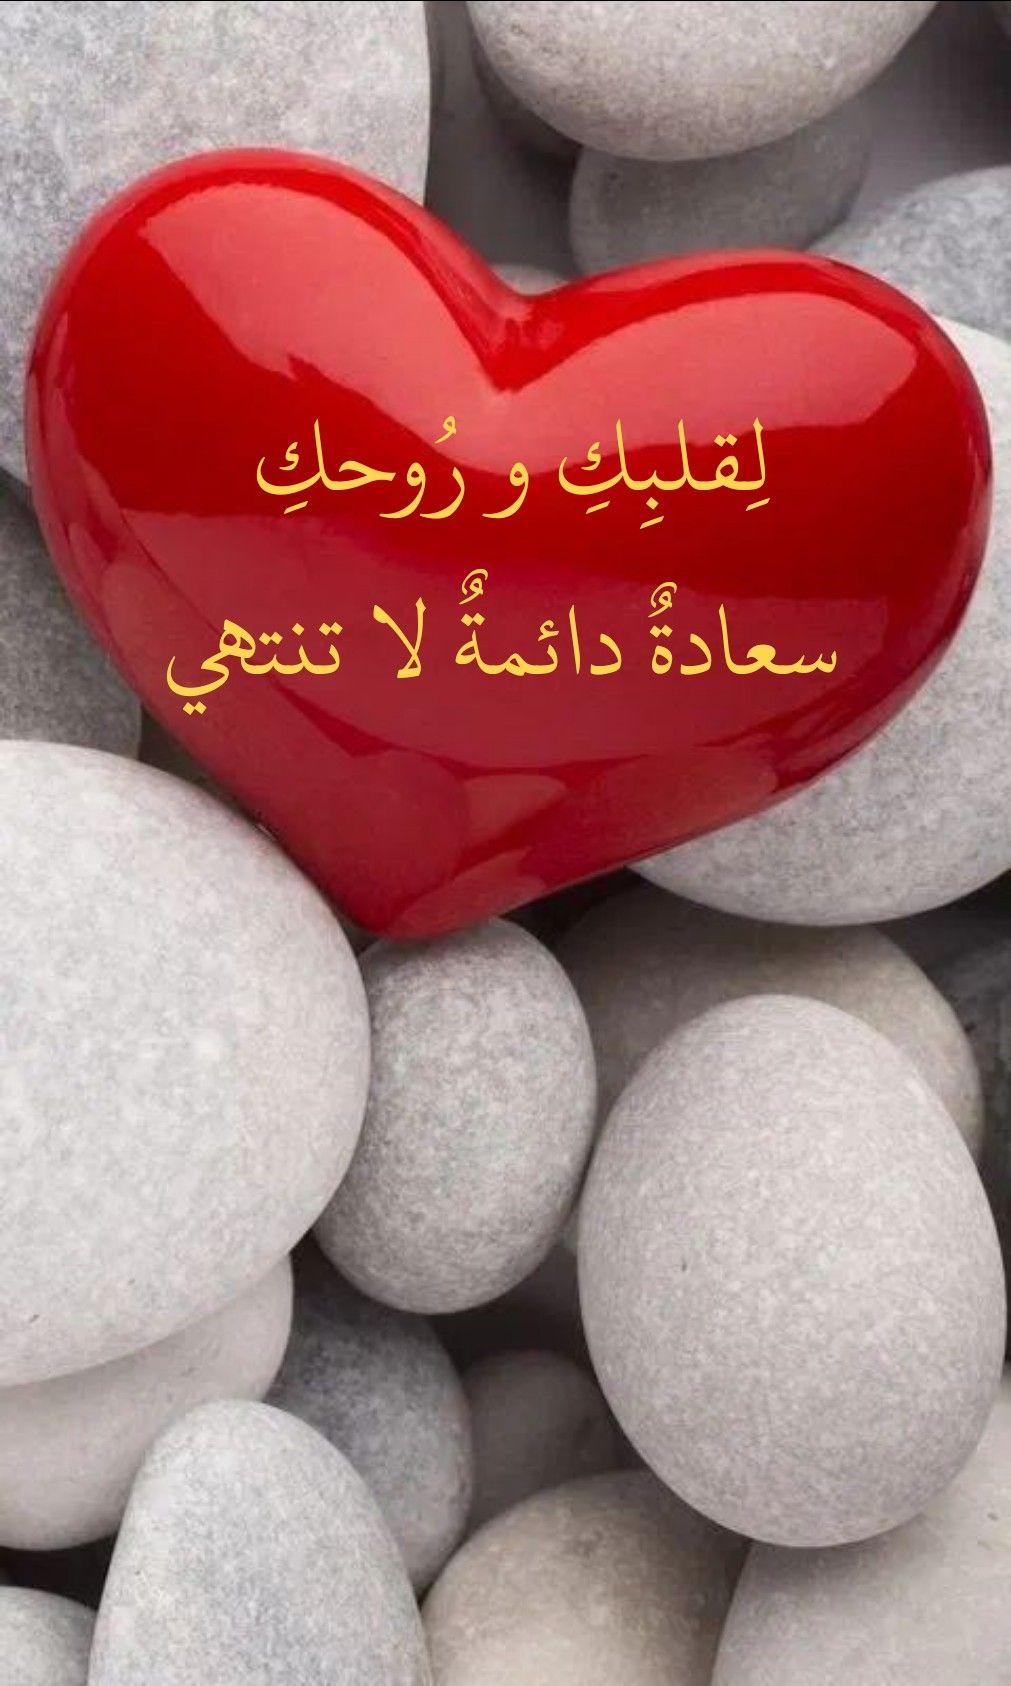 لقلبك و روحك سعادة دائمة لا تنتهي Eyeball Art Romantic Love Quotes Sweet Words